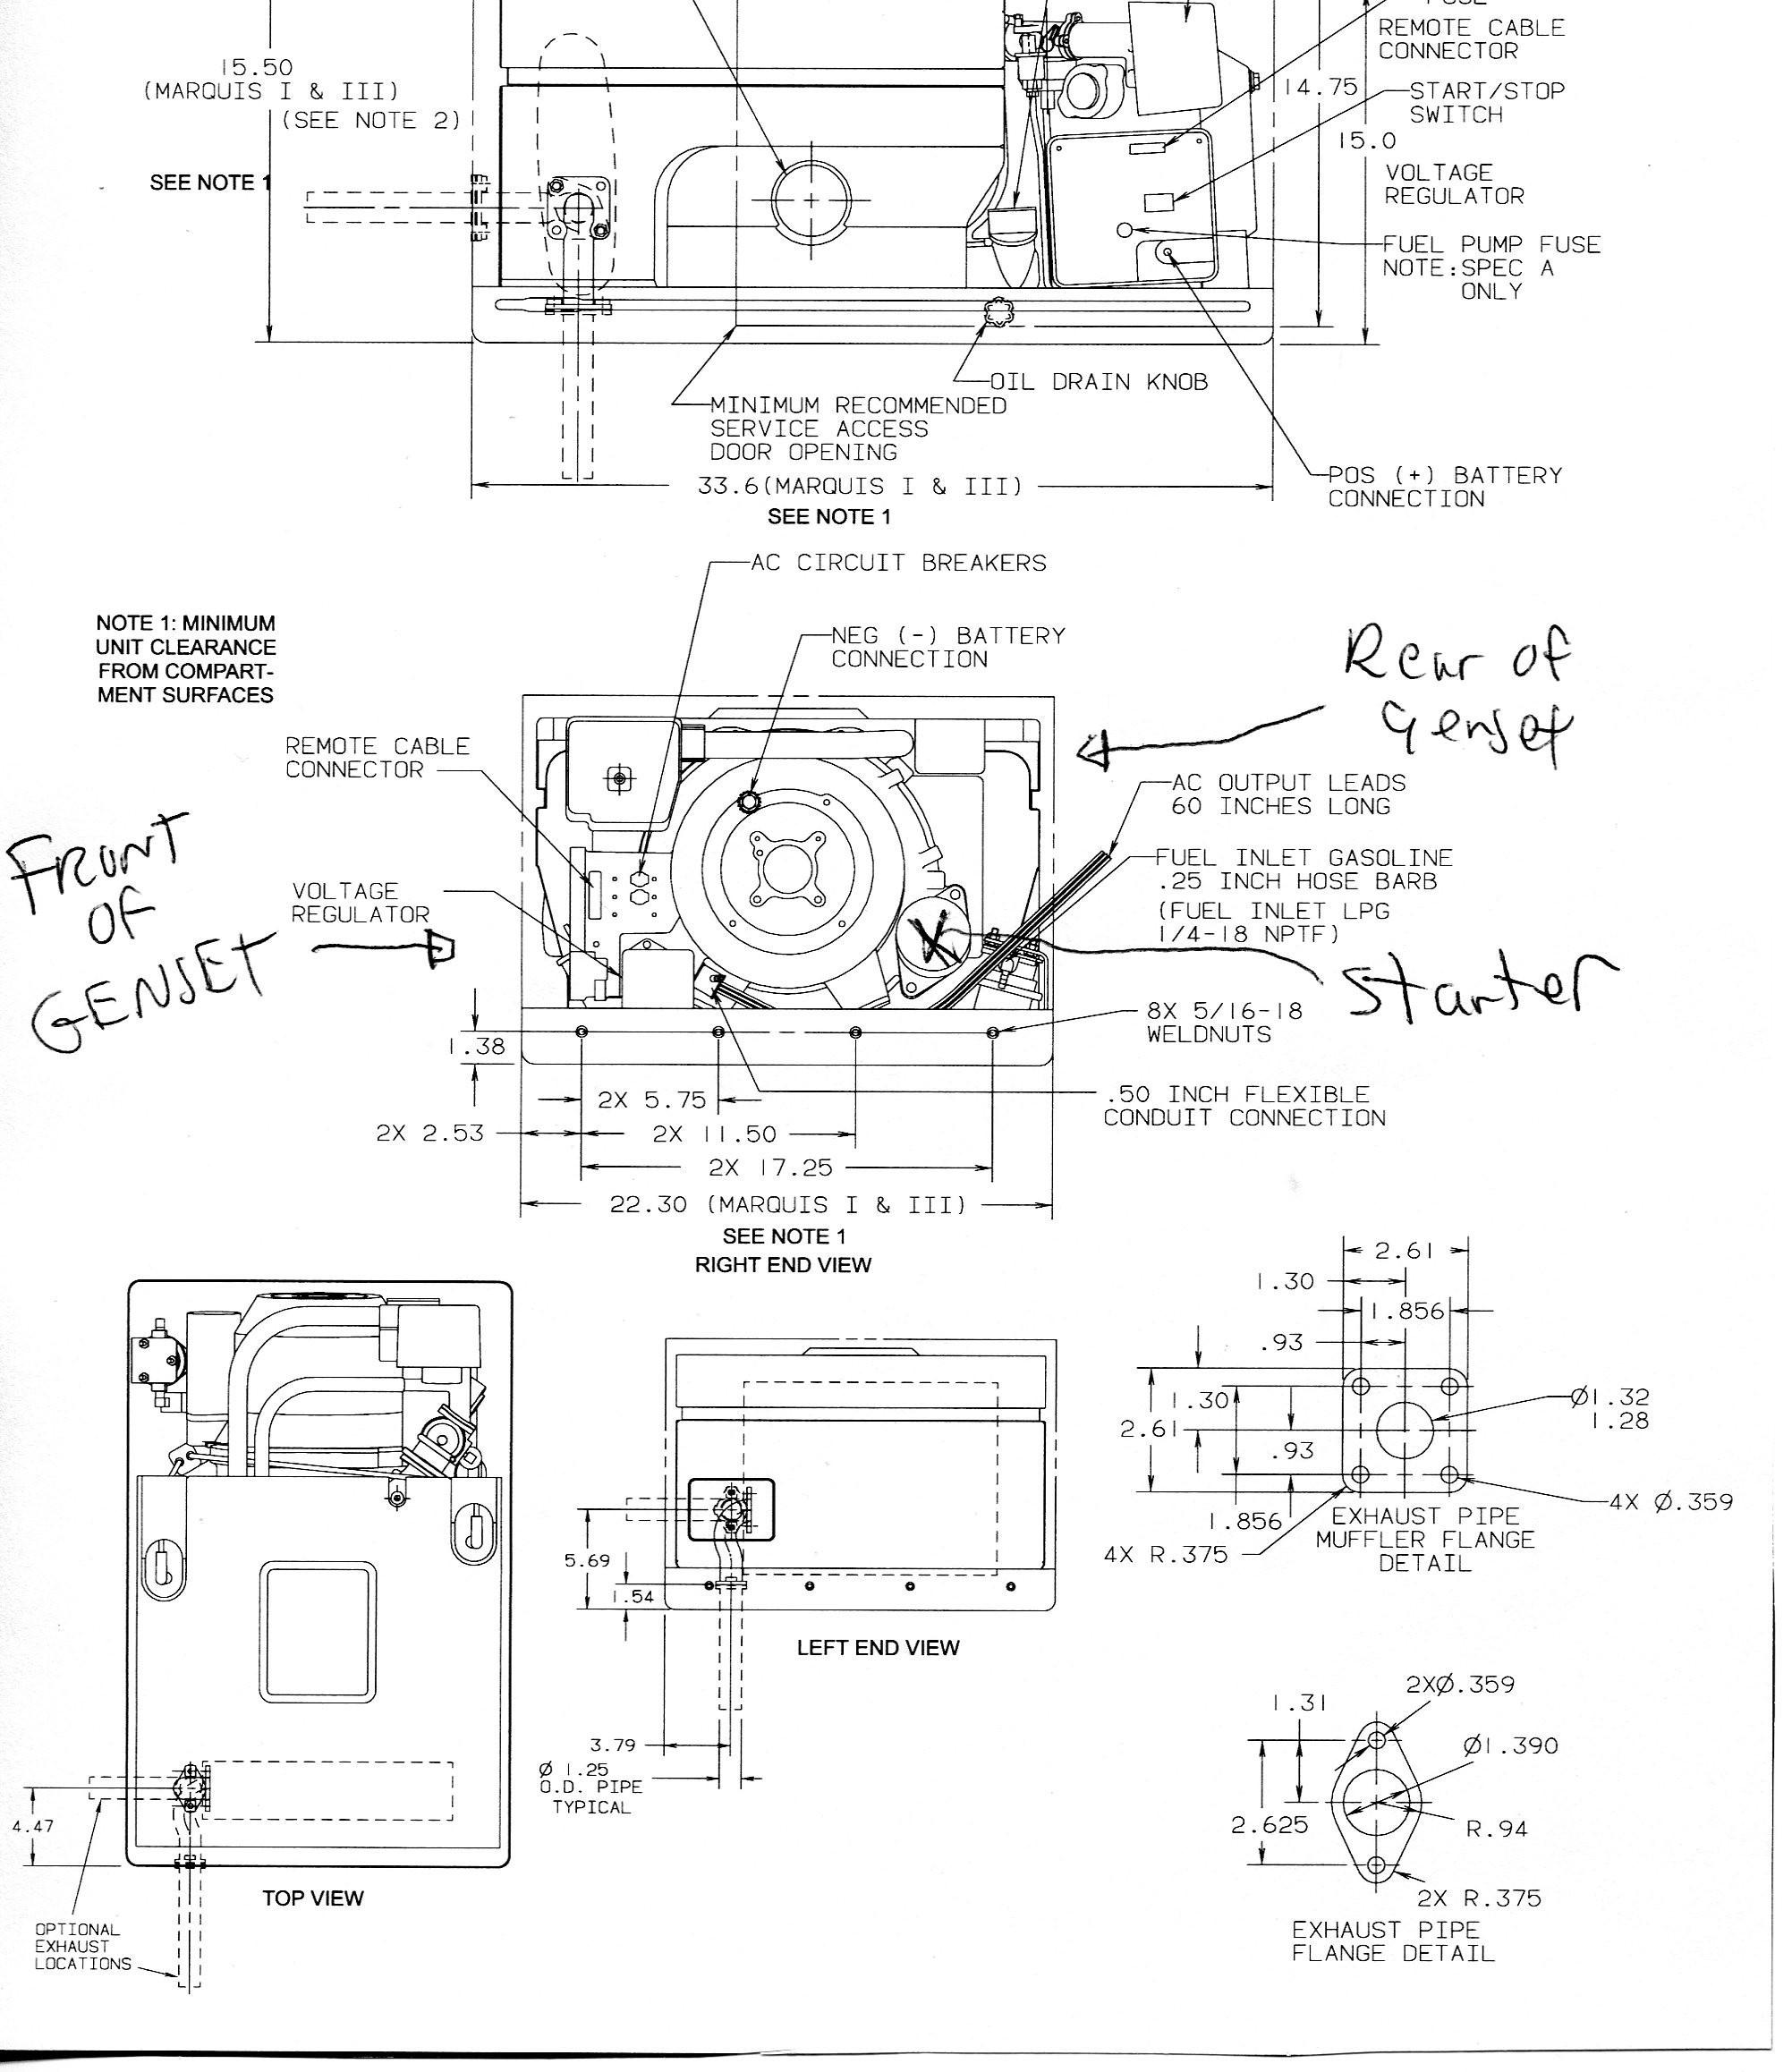 Marine Diesel Engine Diagram Westerbeke Wiring Diagram Layout Wiring Diagrams • Of Marine Diesel Engine Diagram